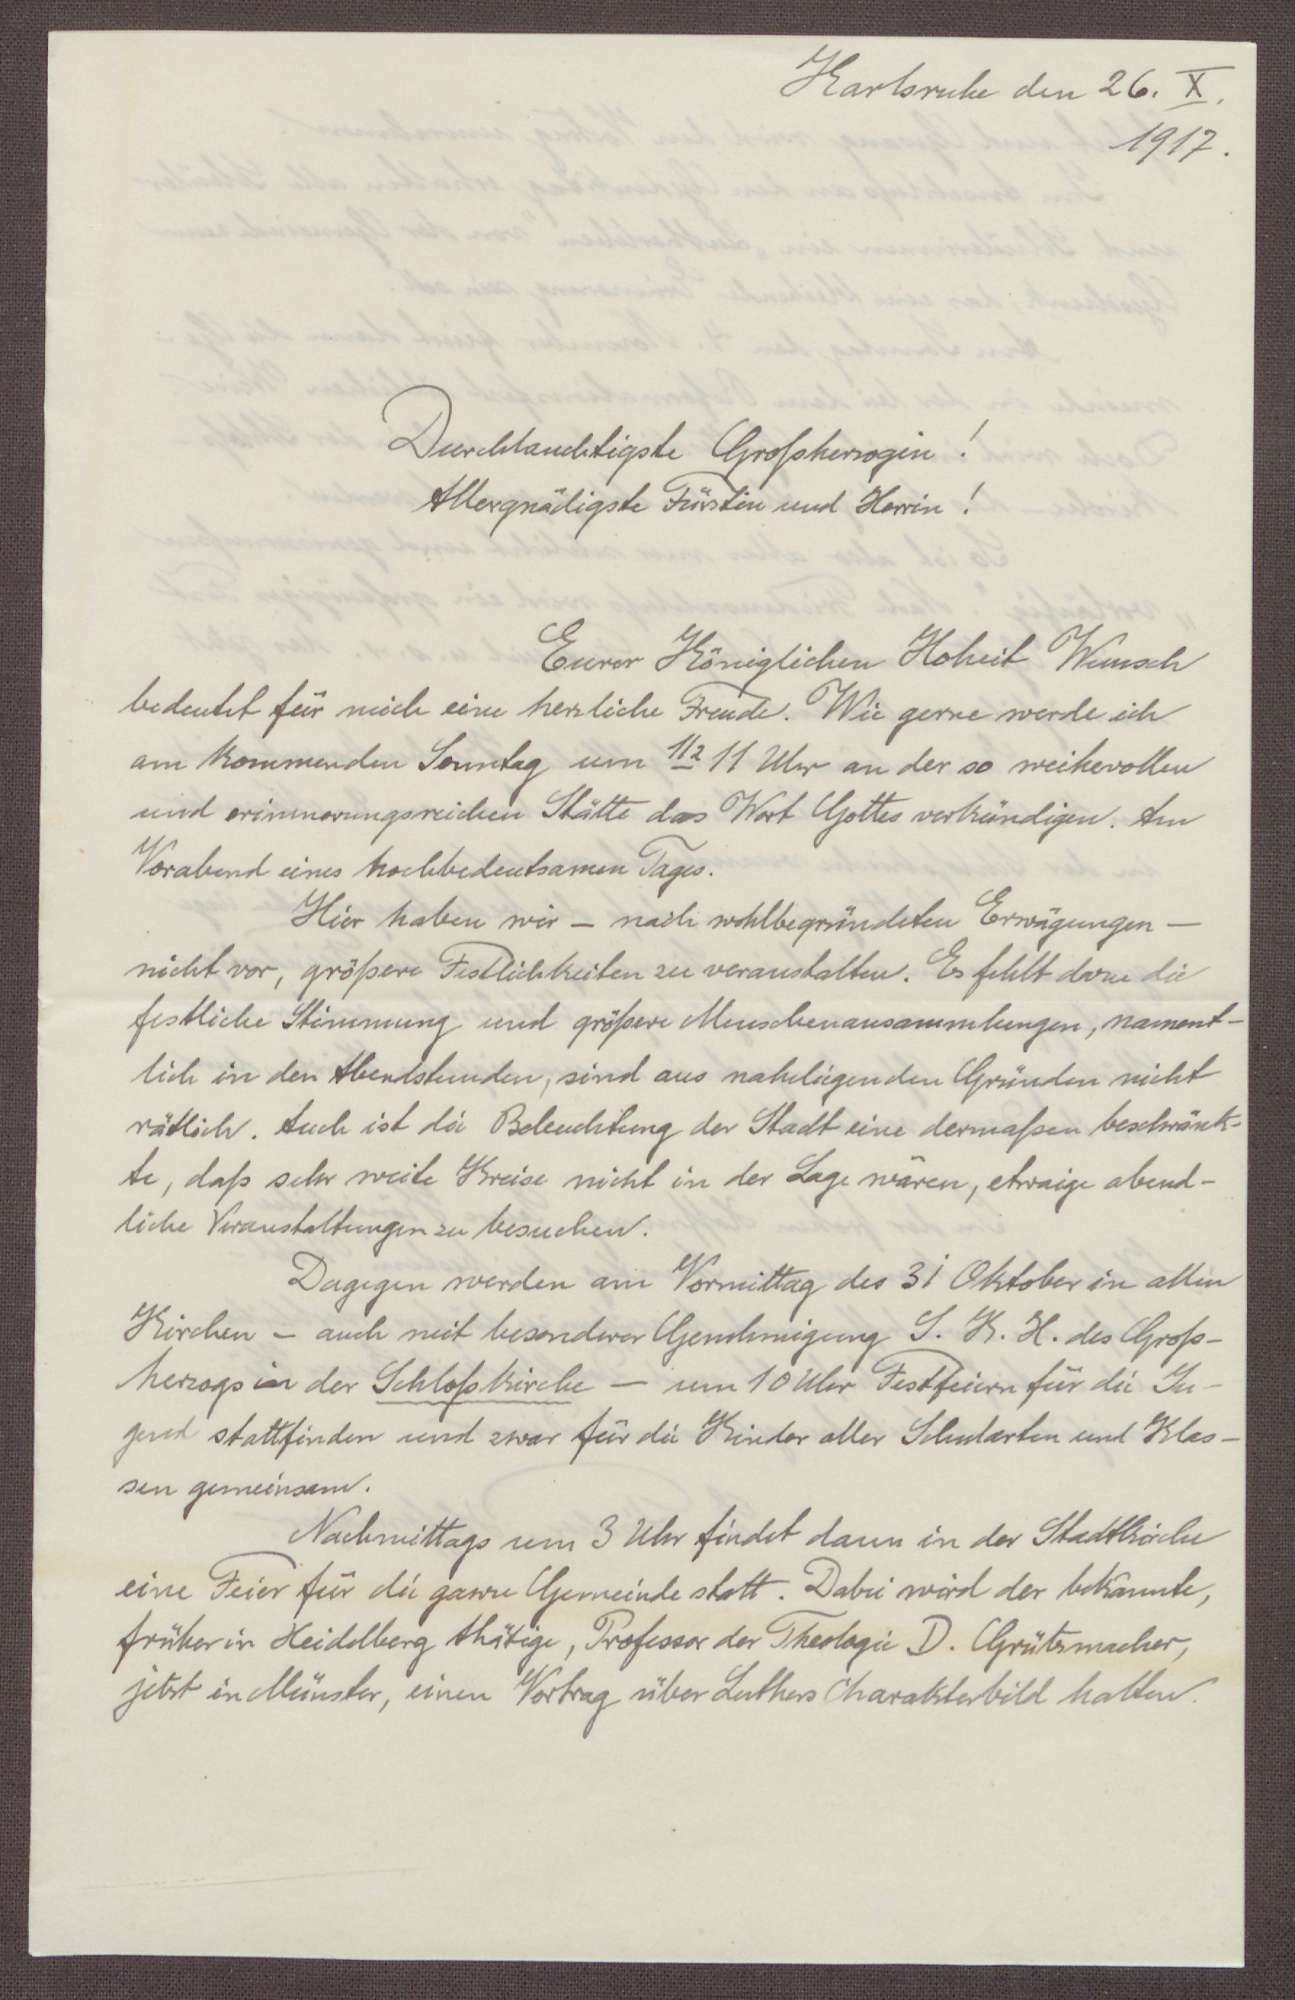 Schreiben von Ernst Fischer an die Großherzogin Luise; Feierlichkeiten zum 400. Jubiläum des Thesenanschlags von Martin Luther, Bild 1